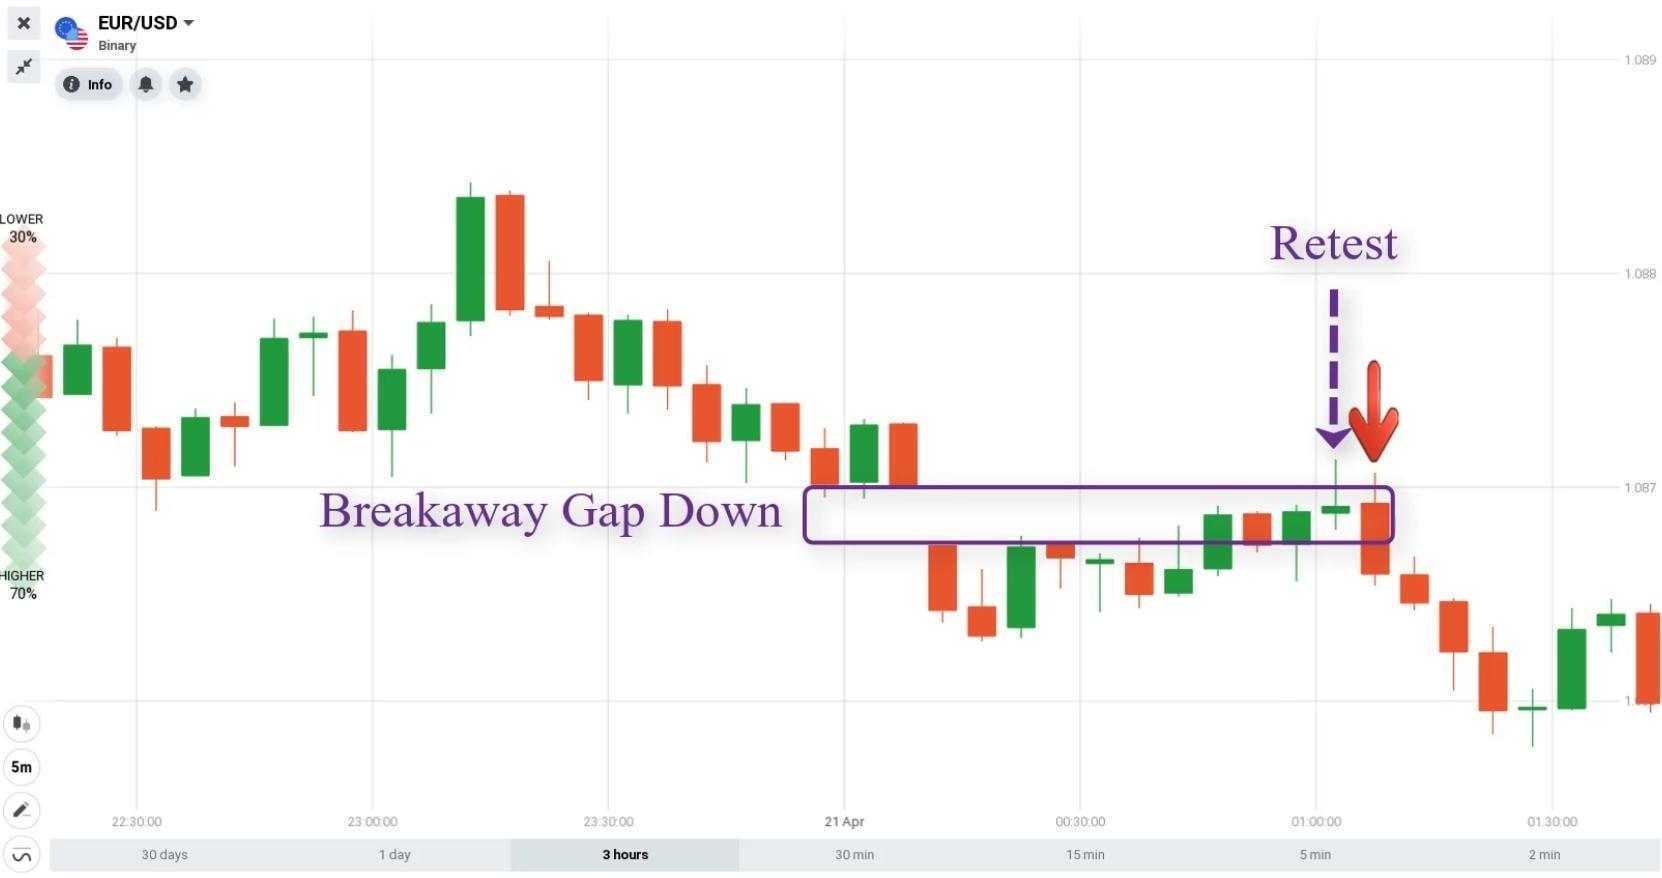 Cách vào lệnh giảm với Breakaway